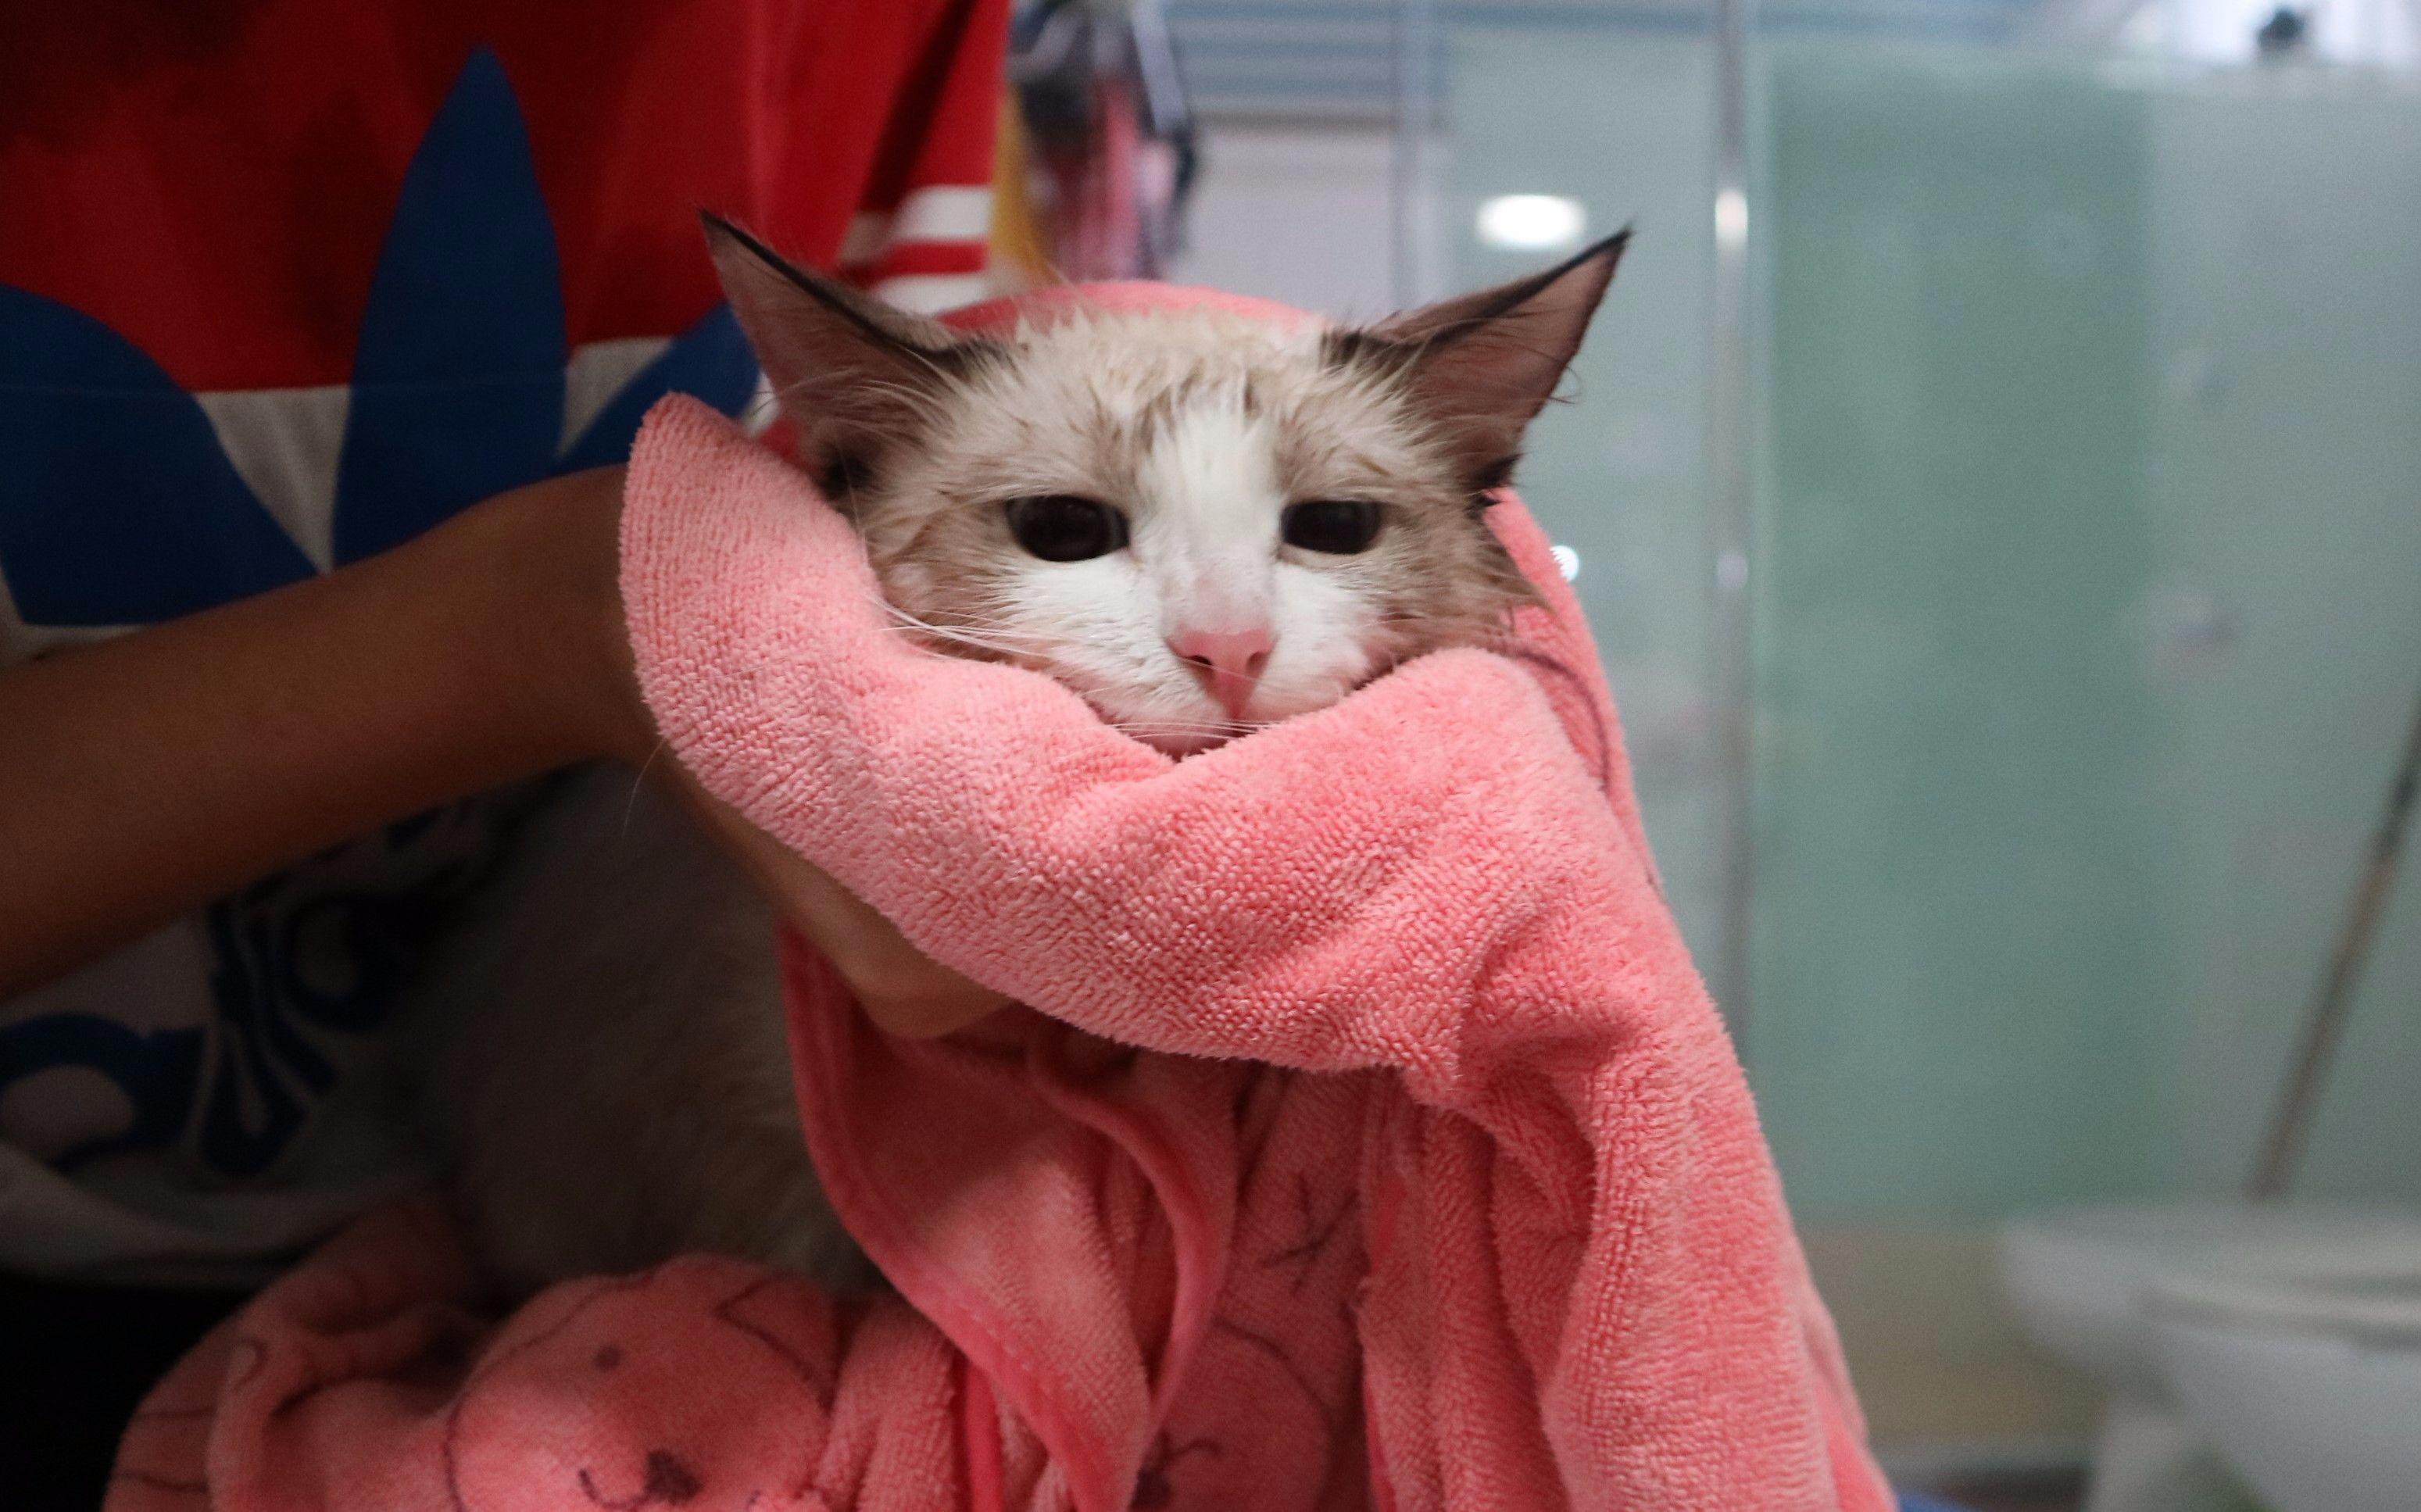 【布偶猫】猫咪第二次洗澡,竟然要上天!